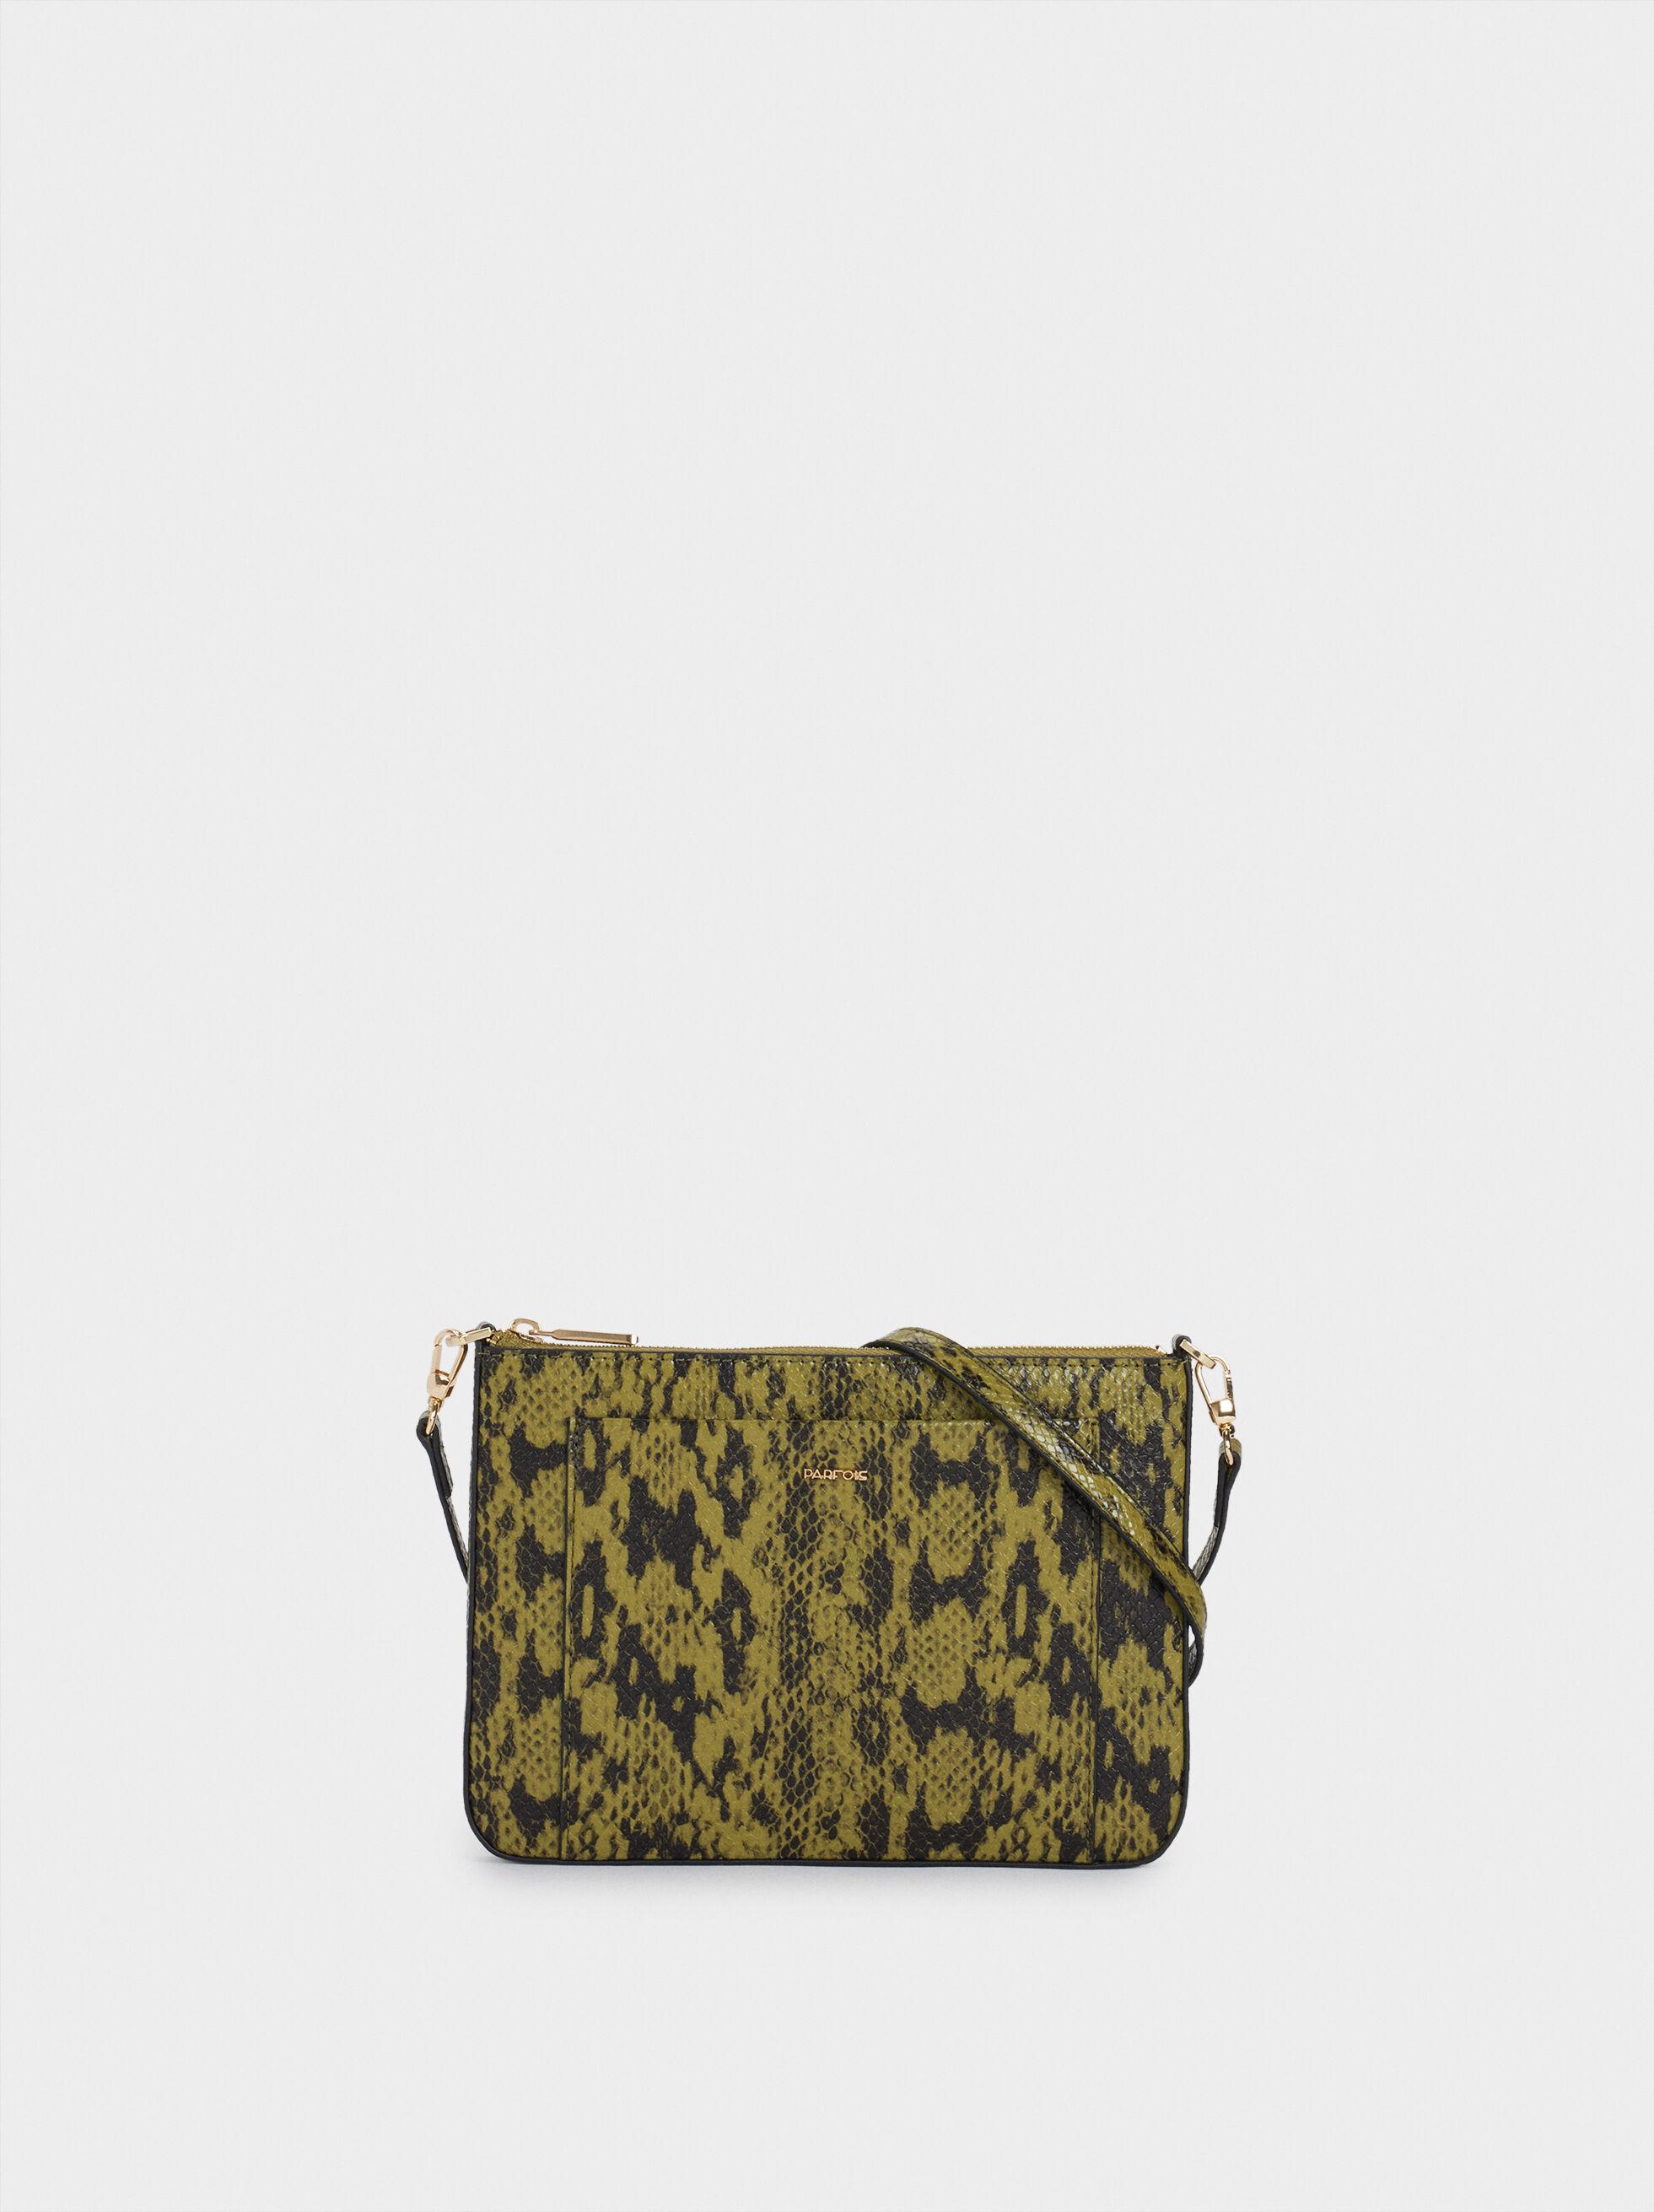 Crossbody Bag With Embossed Animal Print, Khaki, hi-res